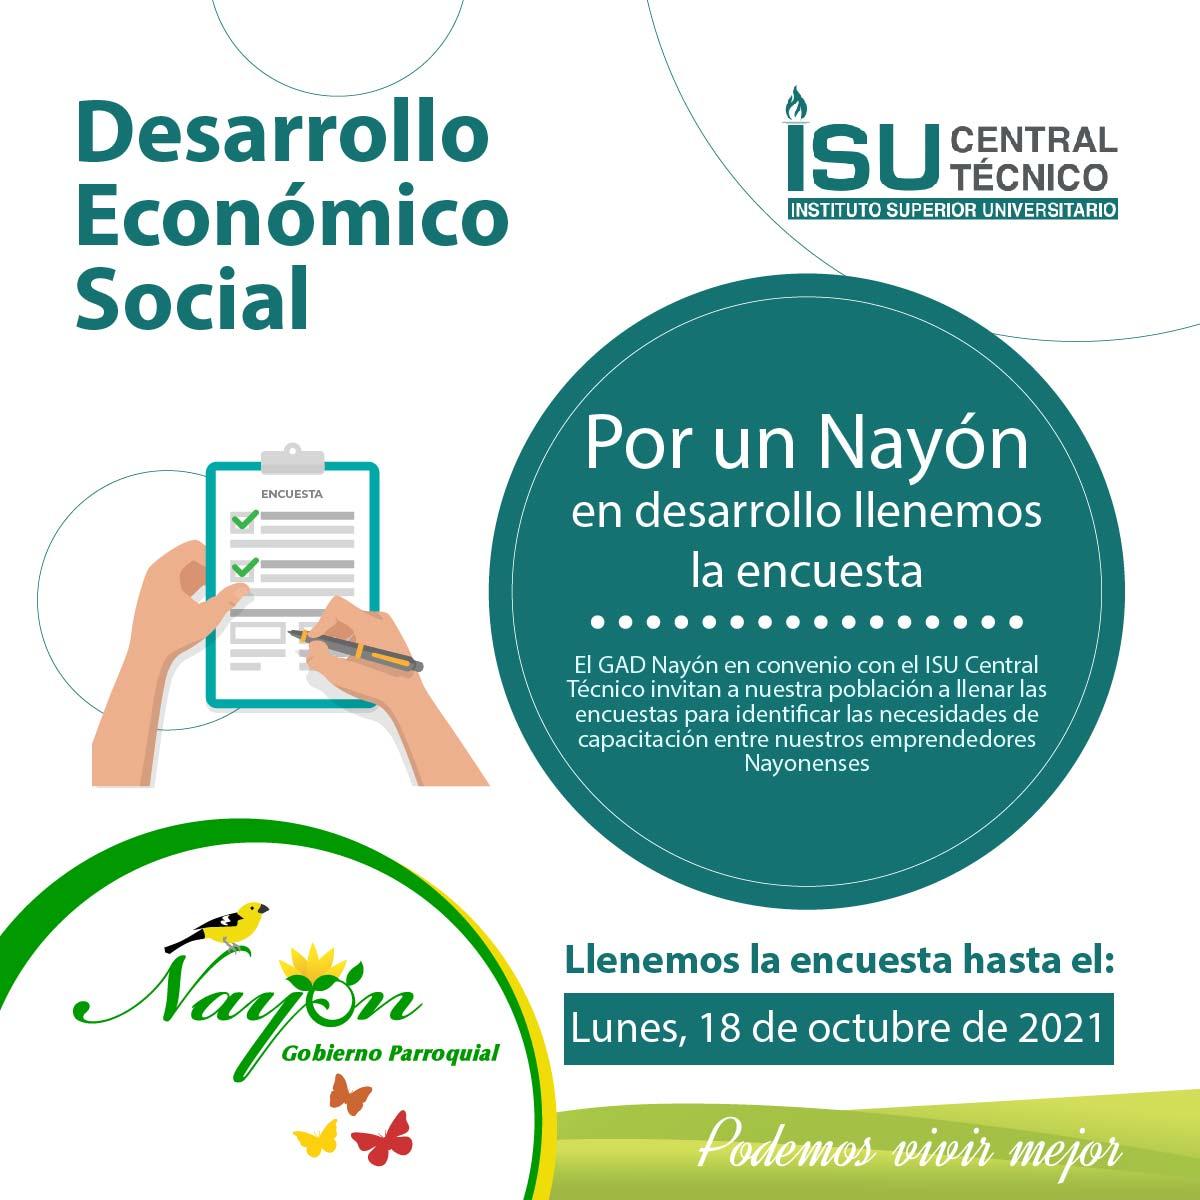 Proyecto de Desarrollo Económico Social